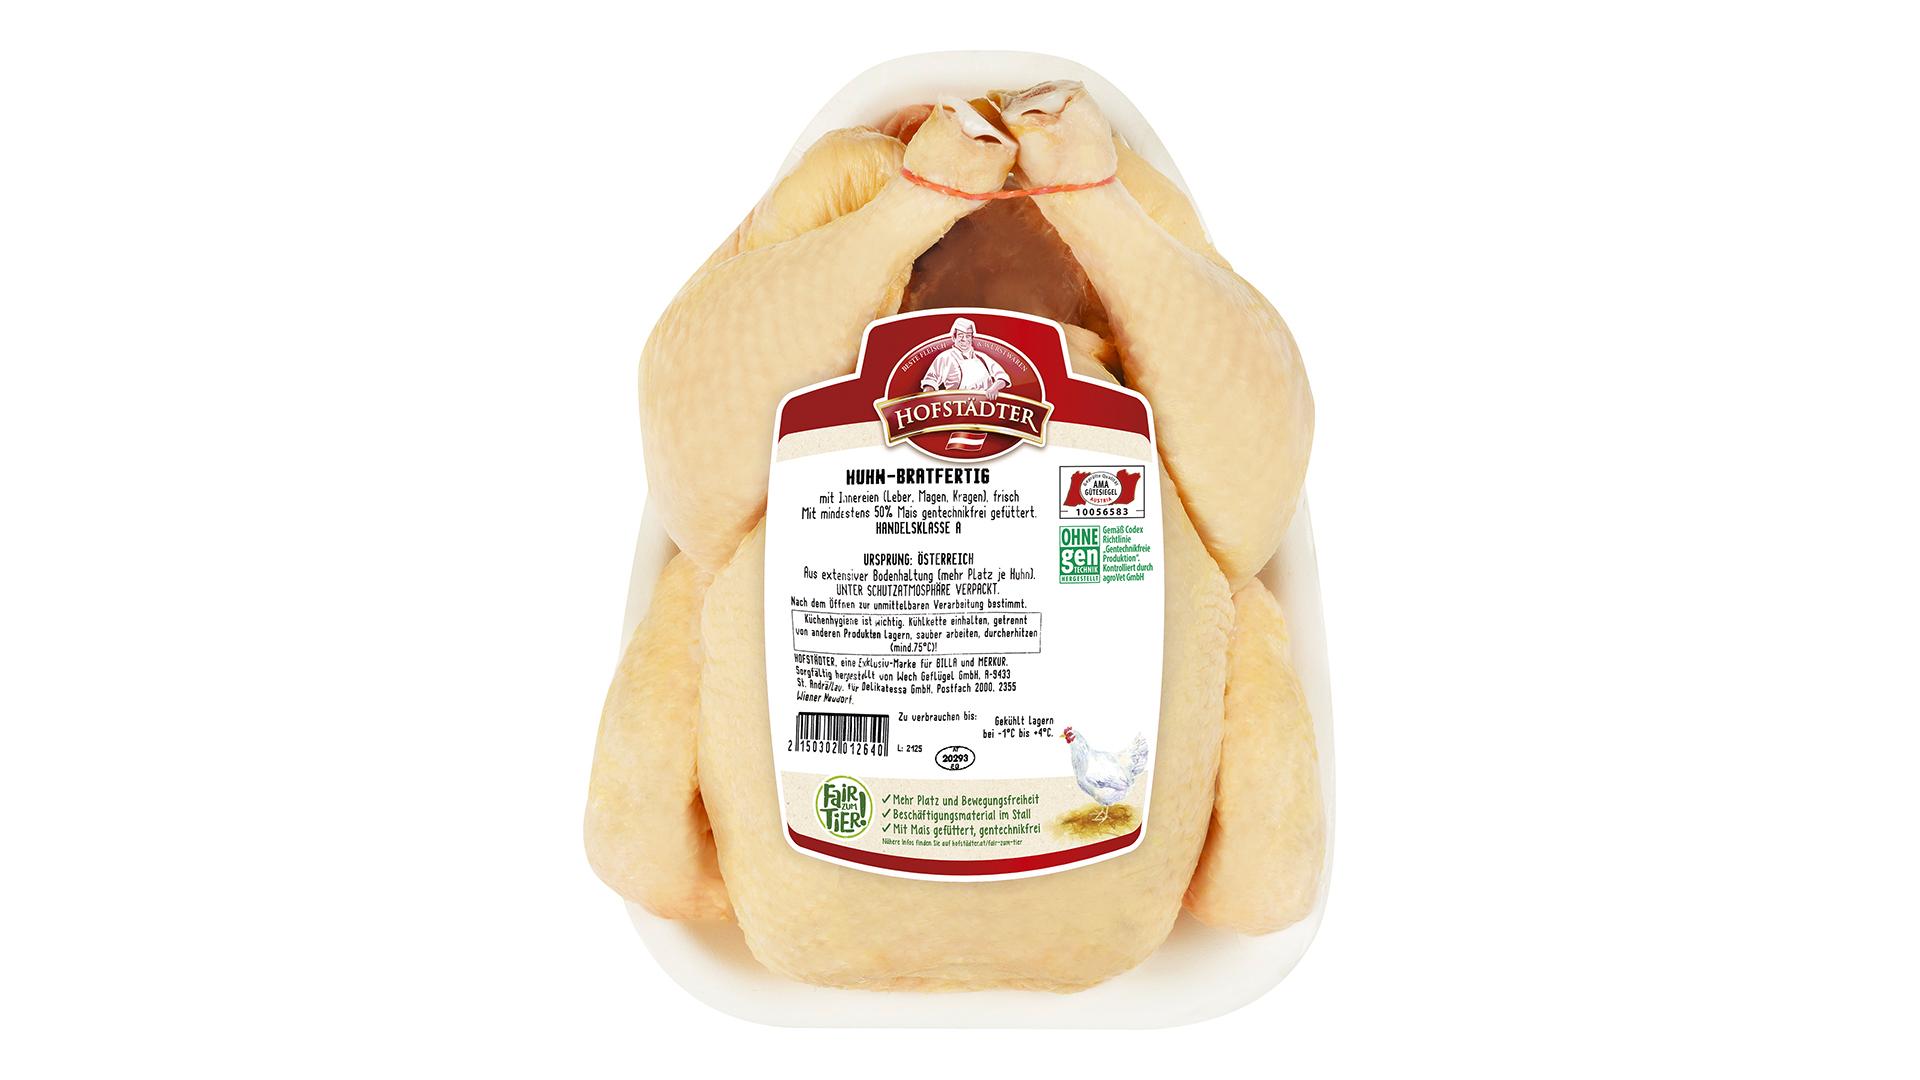 Hofstädter bratfertiges Huhn